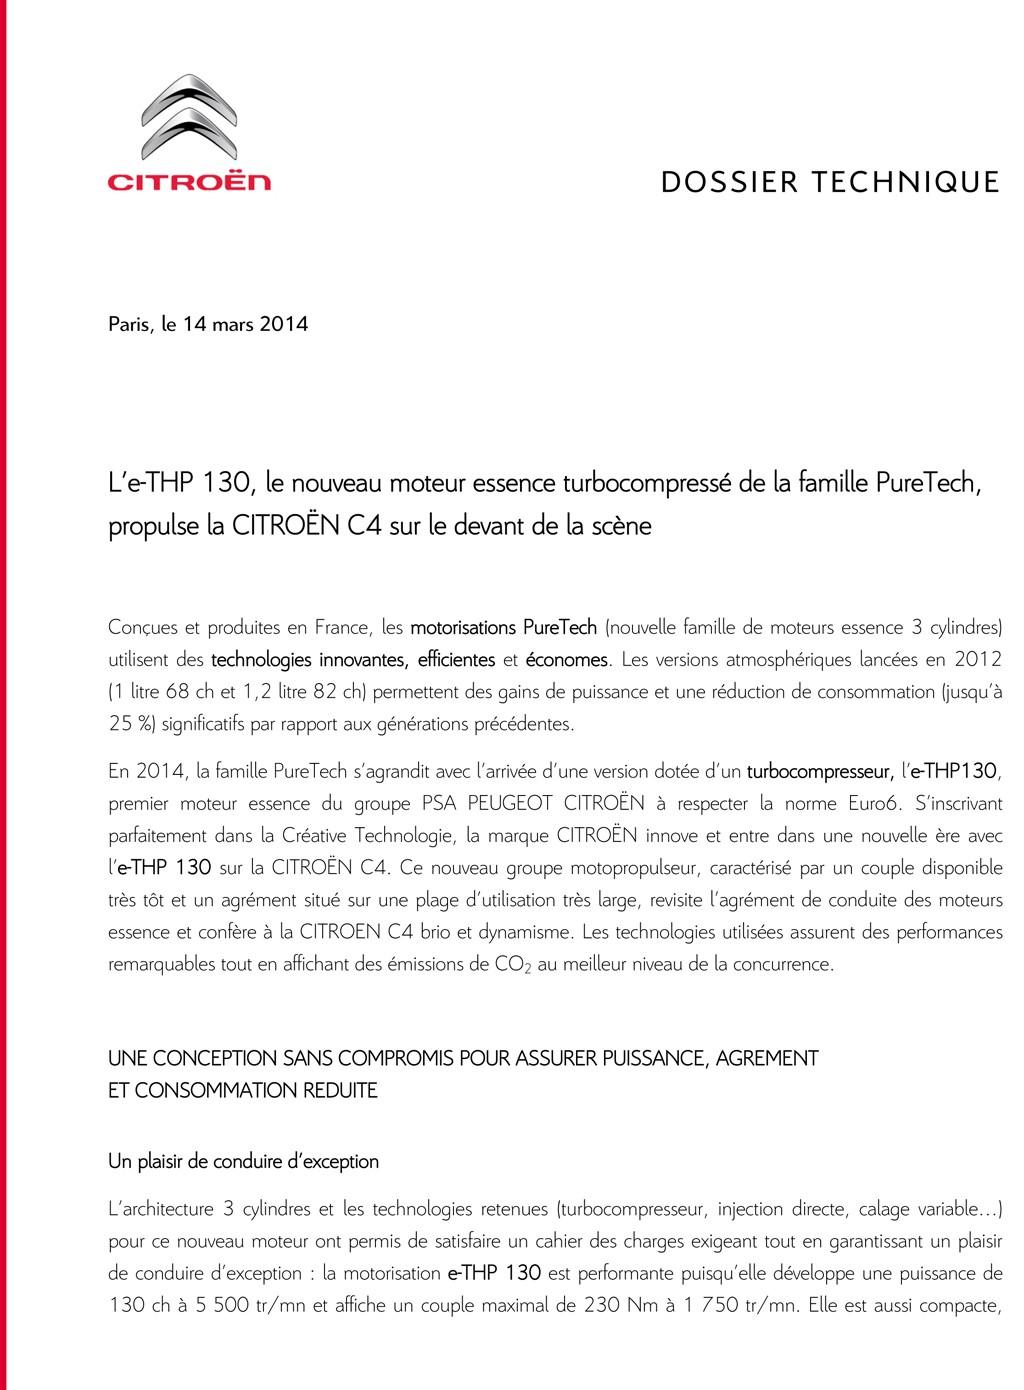 [INFORMATION] Actualité des motorisations - Page 9 Dt_cit11